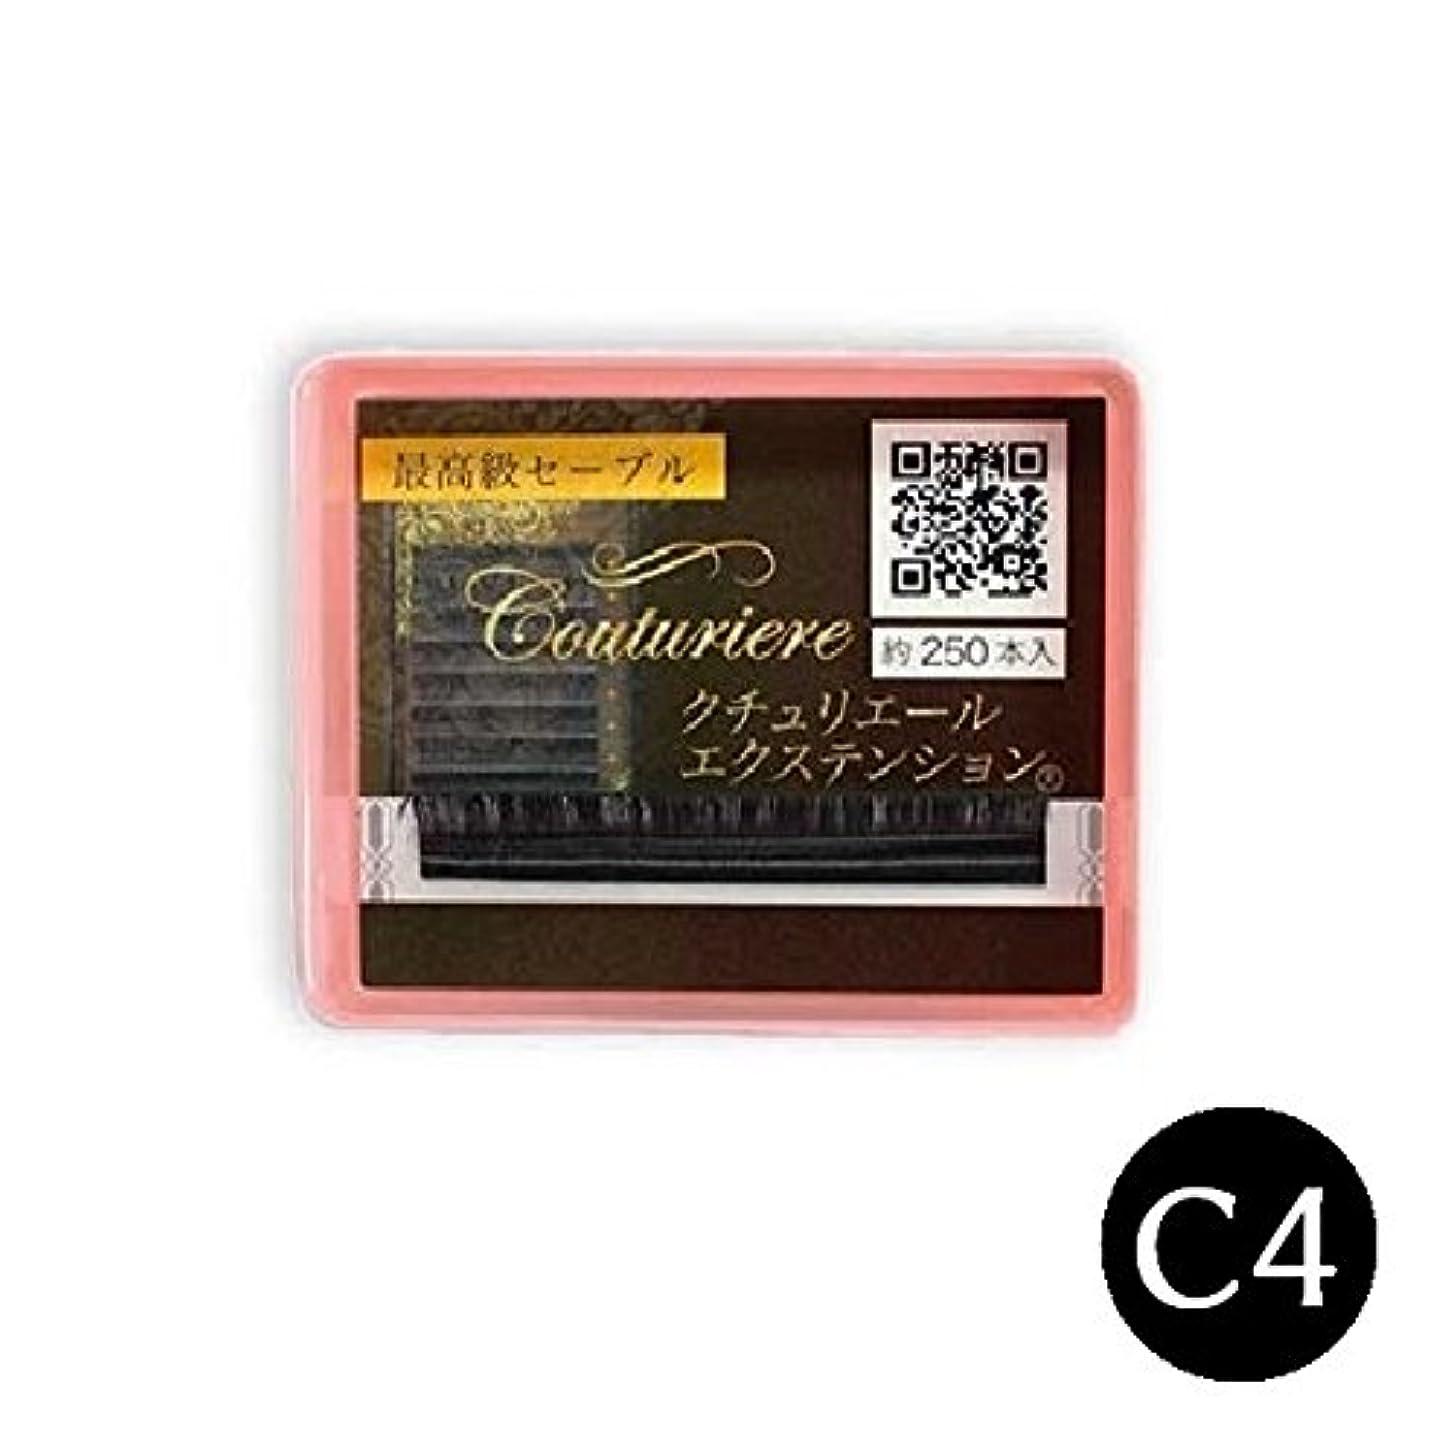 まだ持つ比べるまつげエクステ マツエク クチュリエール C4カール (1列) (0.15mm 11mm)